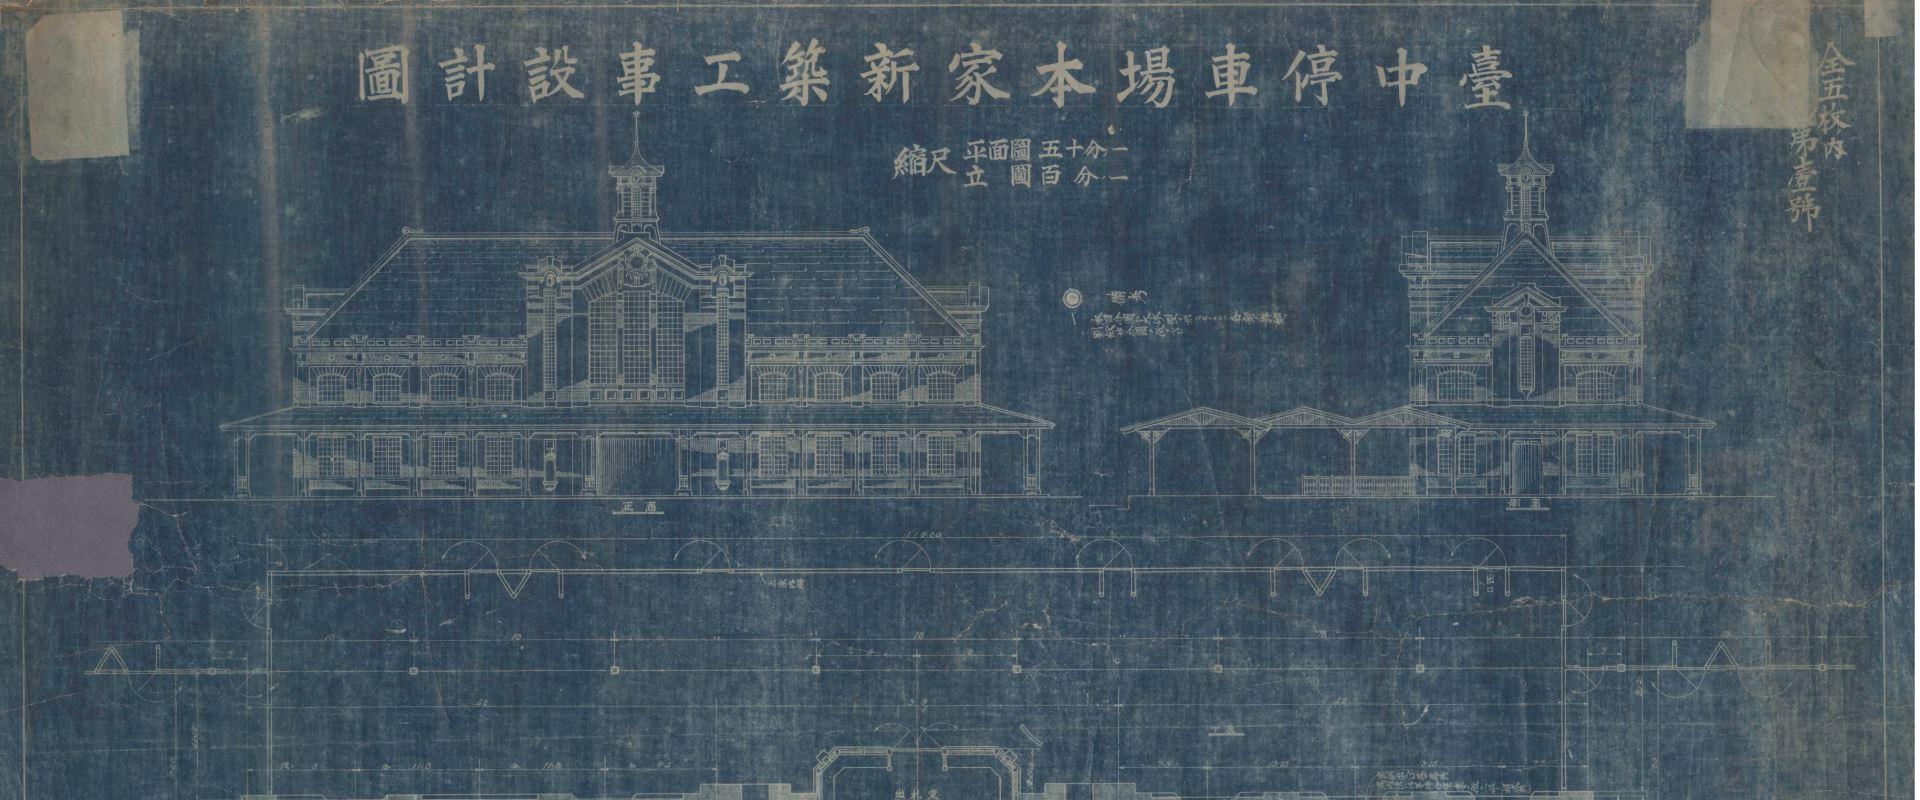 Renaissance des plans architecturaux des gares de l'époque japonaise[另開新視窗]